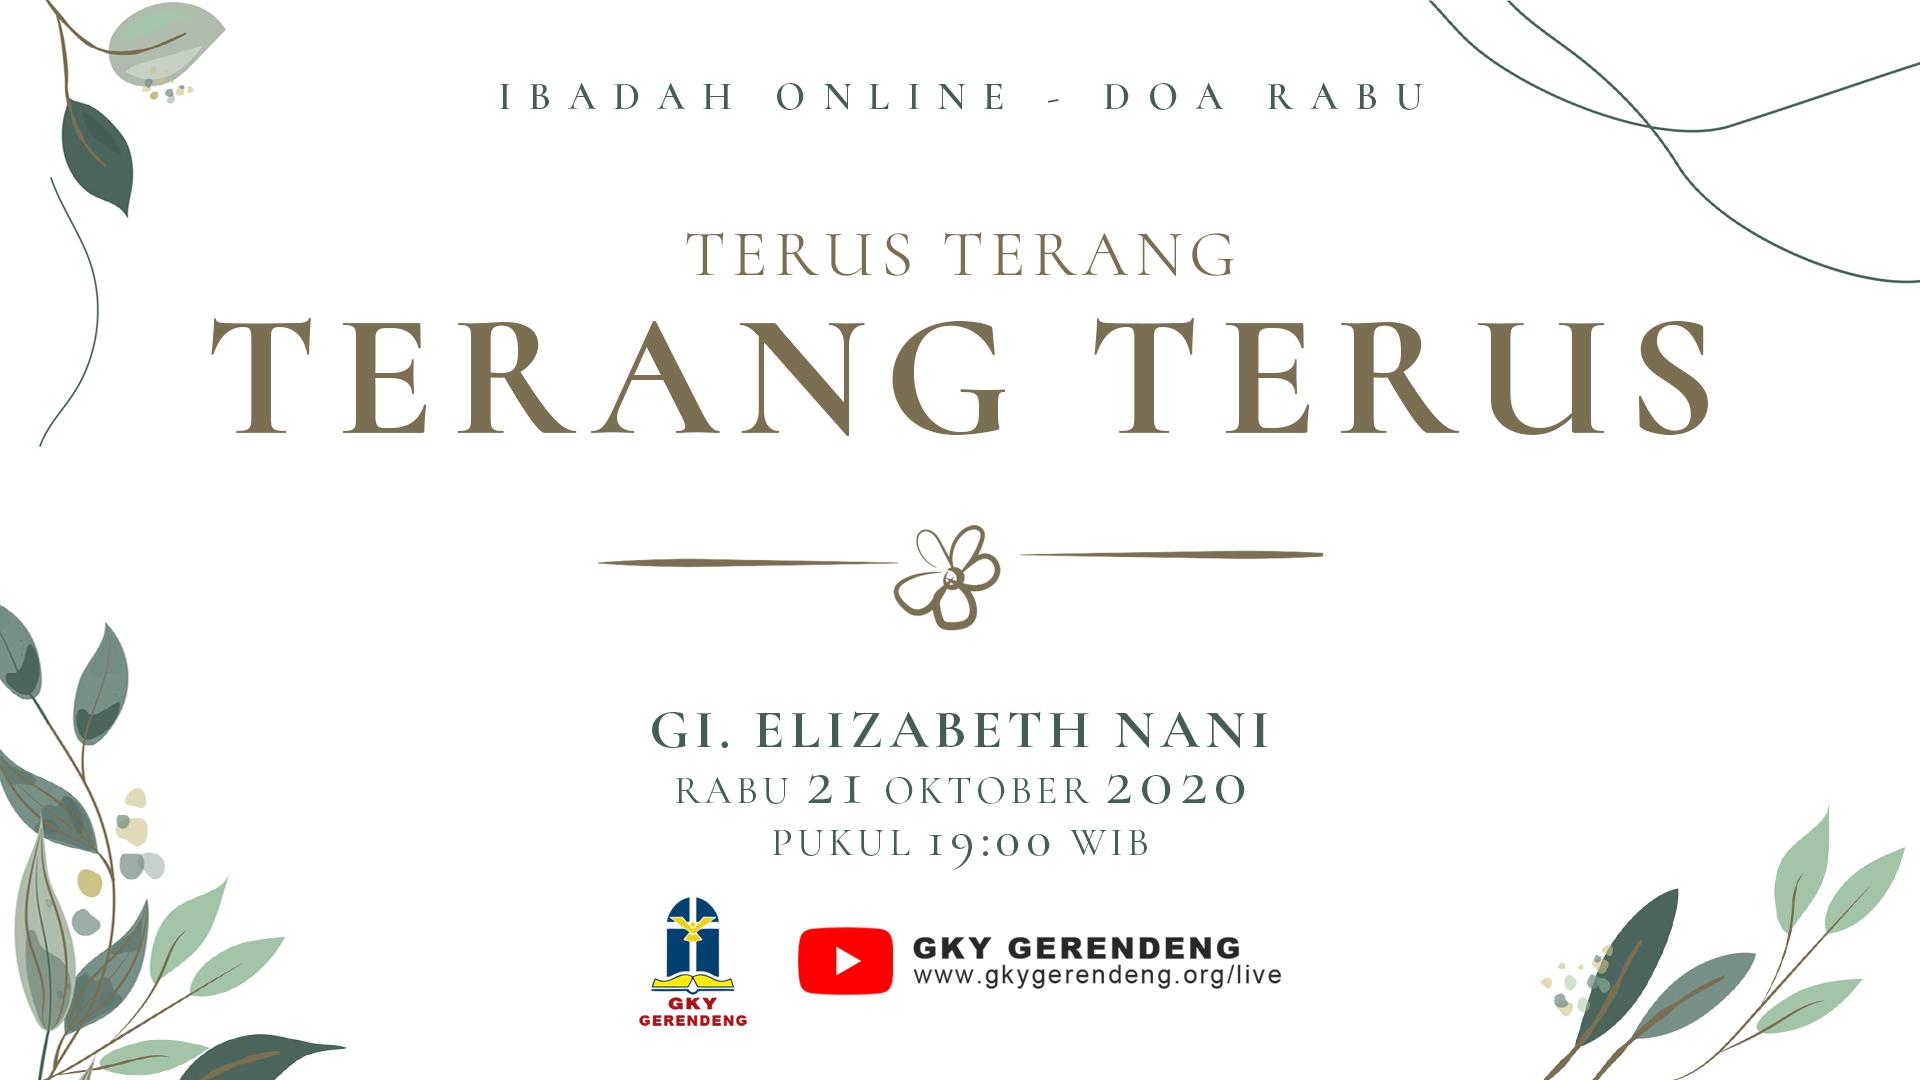 Ibadah Online Doa Rabu